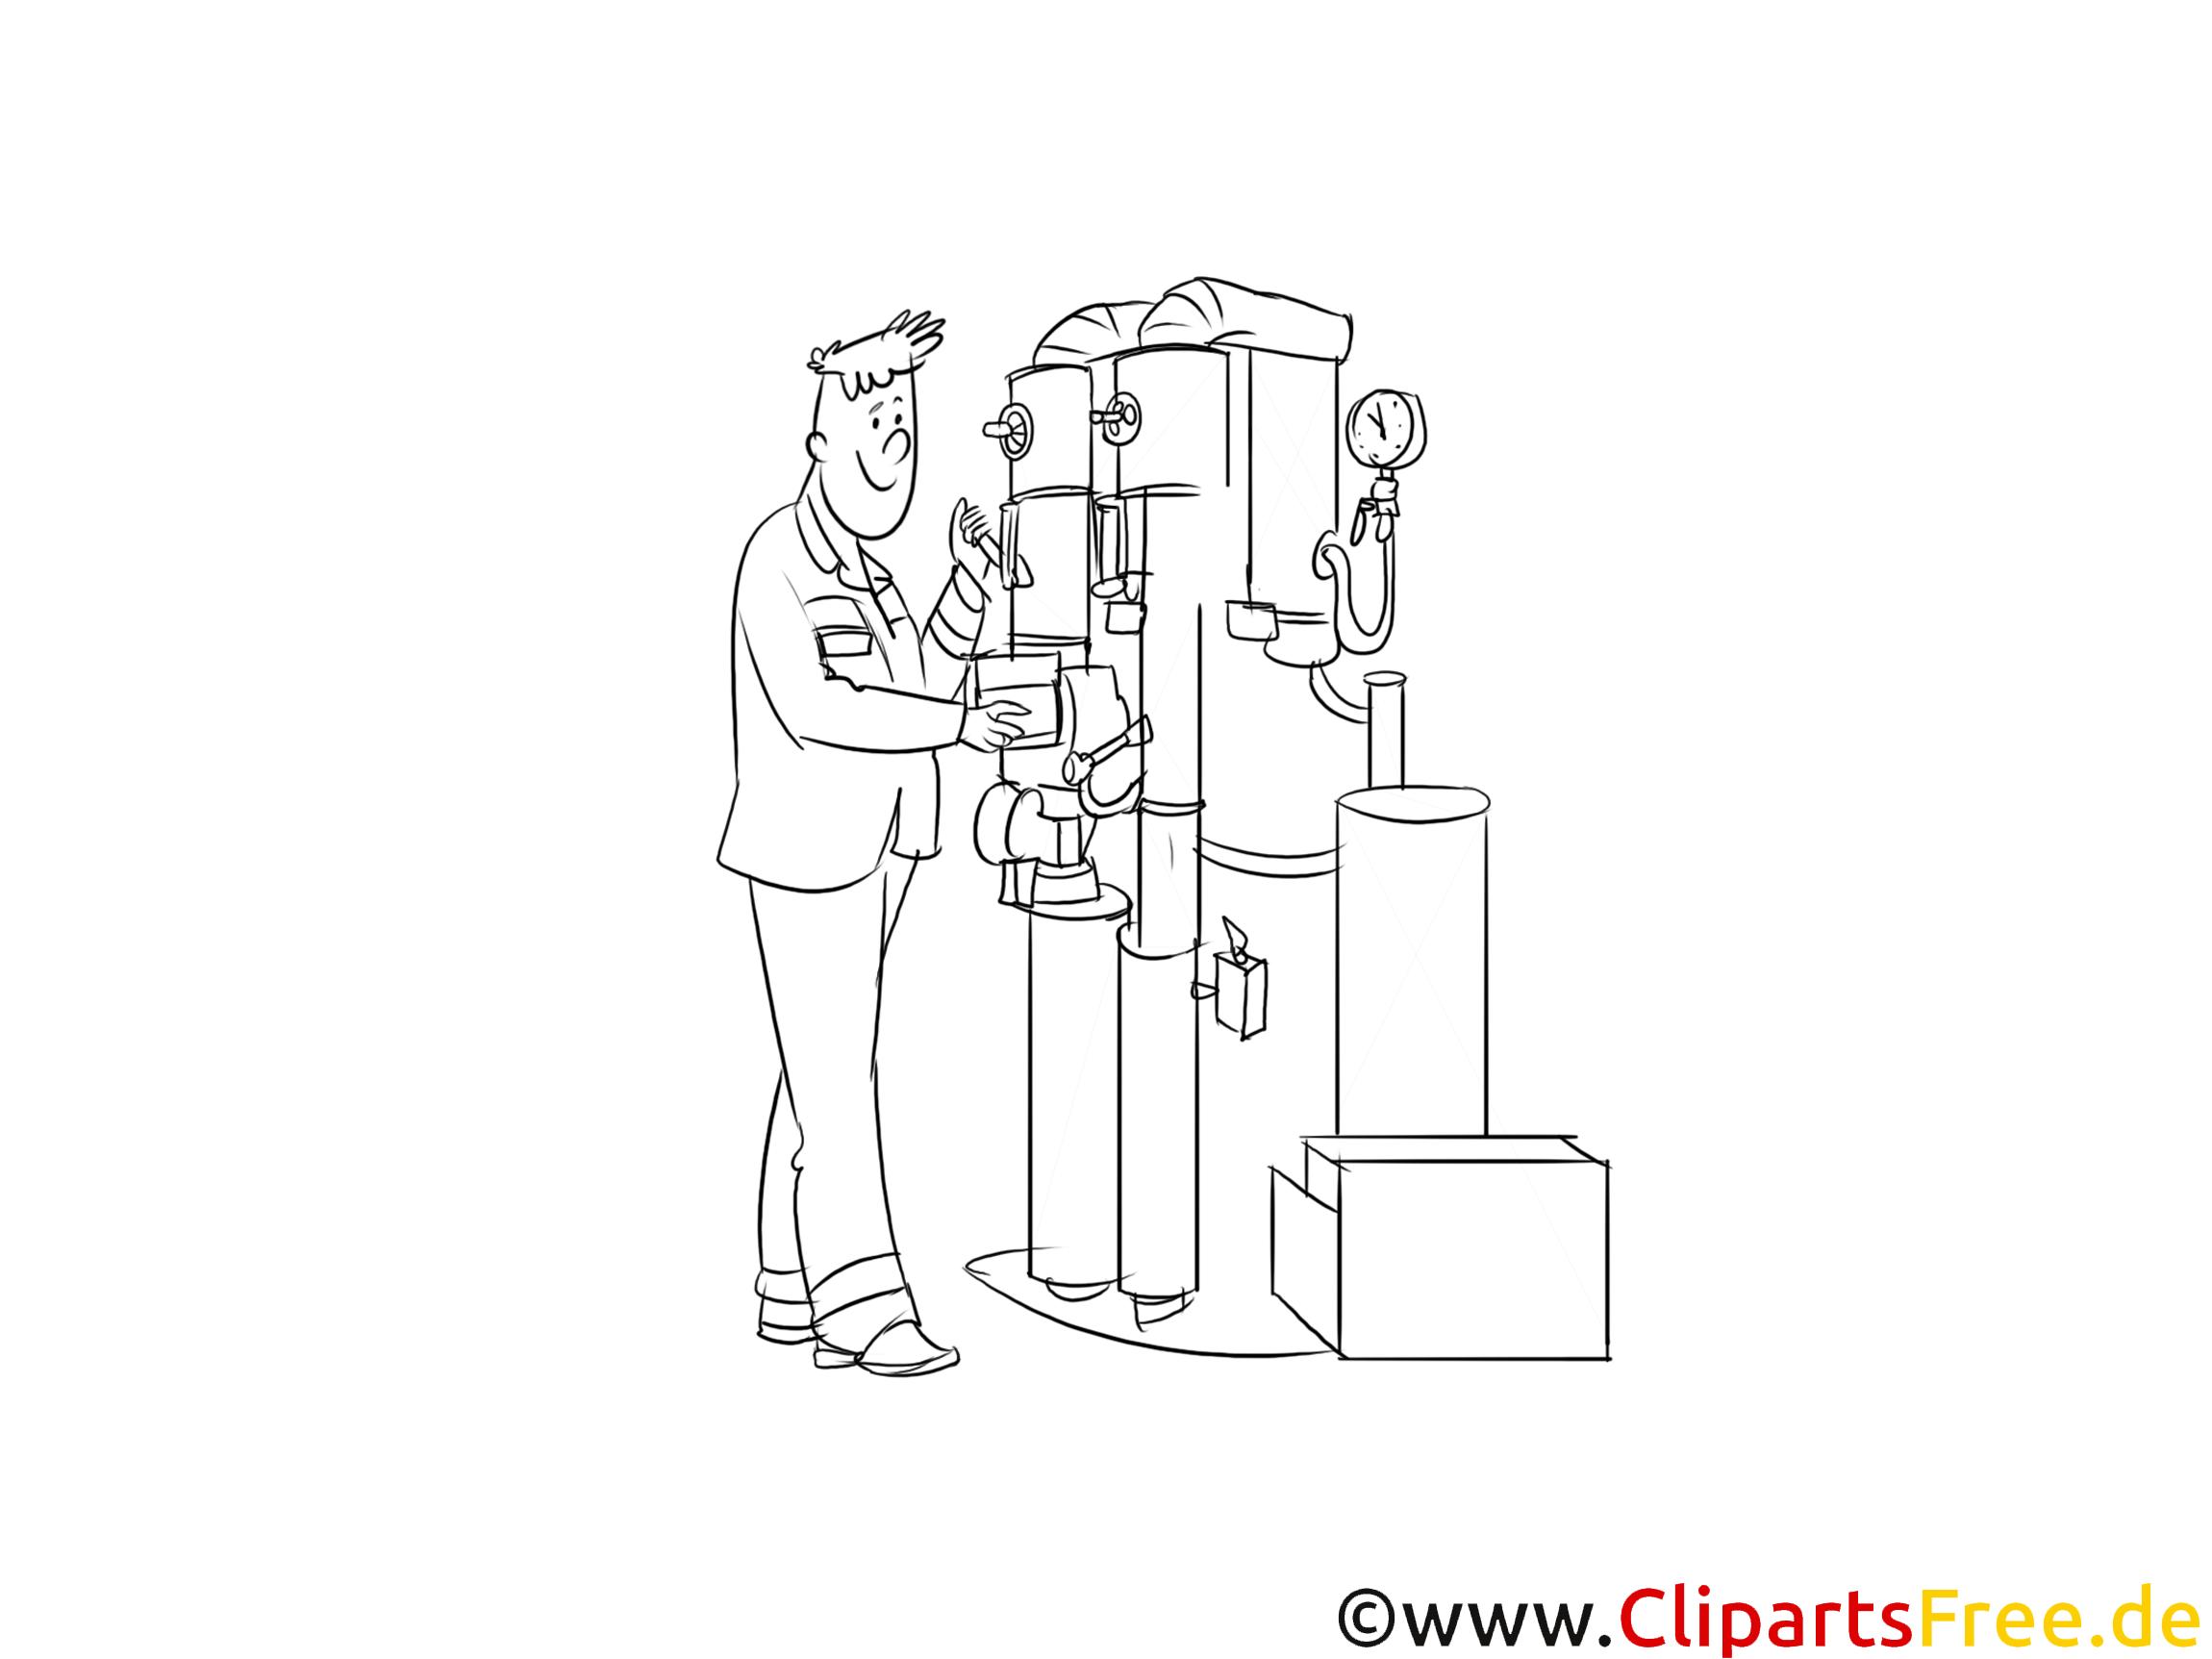 Ausbildung zum Anlagenmechaniker Clipart, Bild, Illustration schwarz-weiß